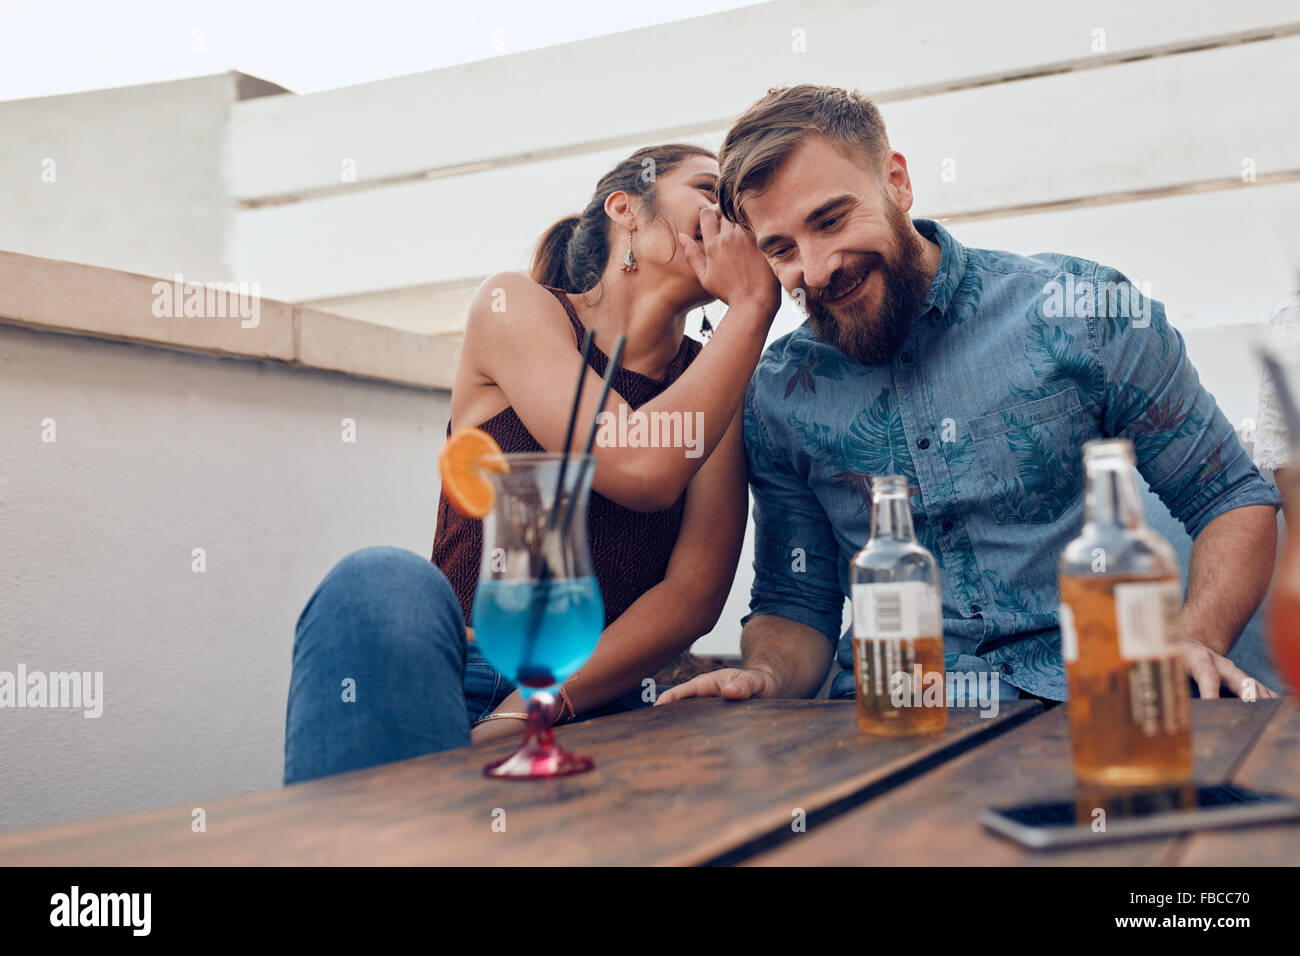 Due giovani seduti insieme spettegolare. Donna sussurra qualcosa nell'uomo le orecchie durante una festa. Immagini Stock